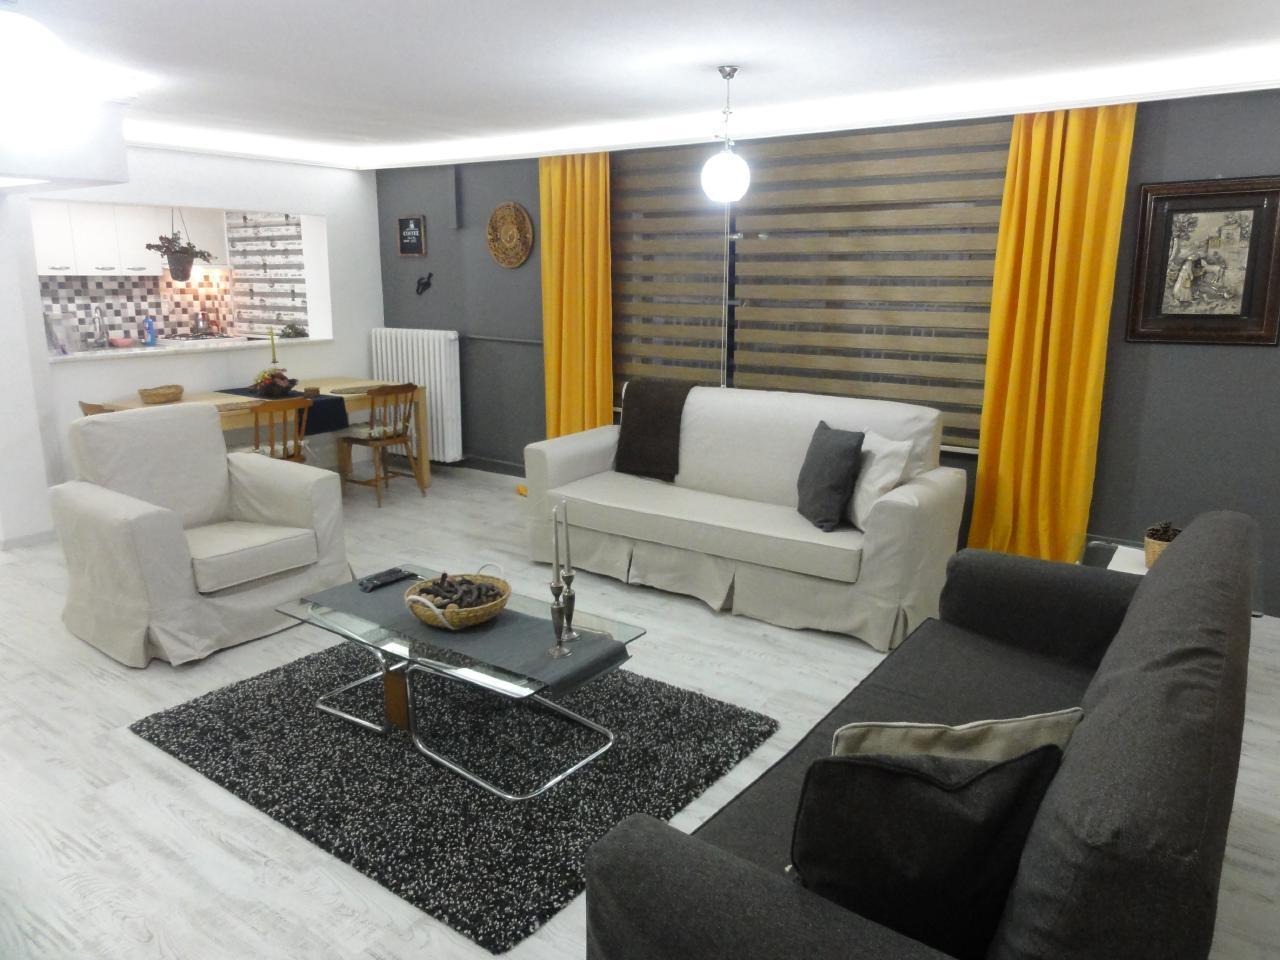 Ferienwohnung Evodak Apartment D 2 (1710501), Balgat, , Zentralanatolien, Türkei, Bild 2